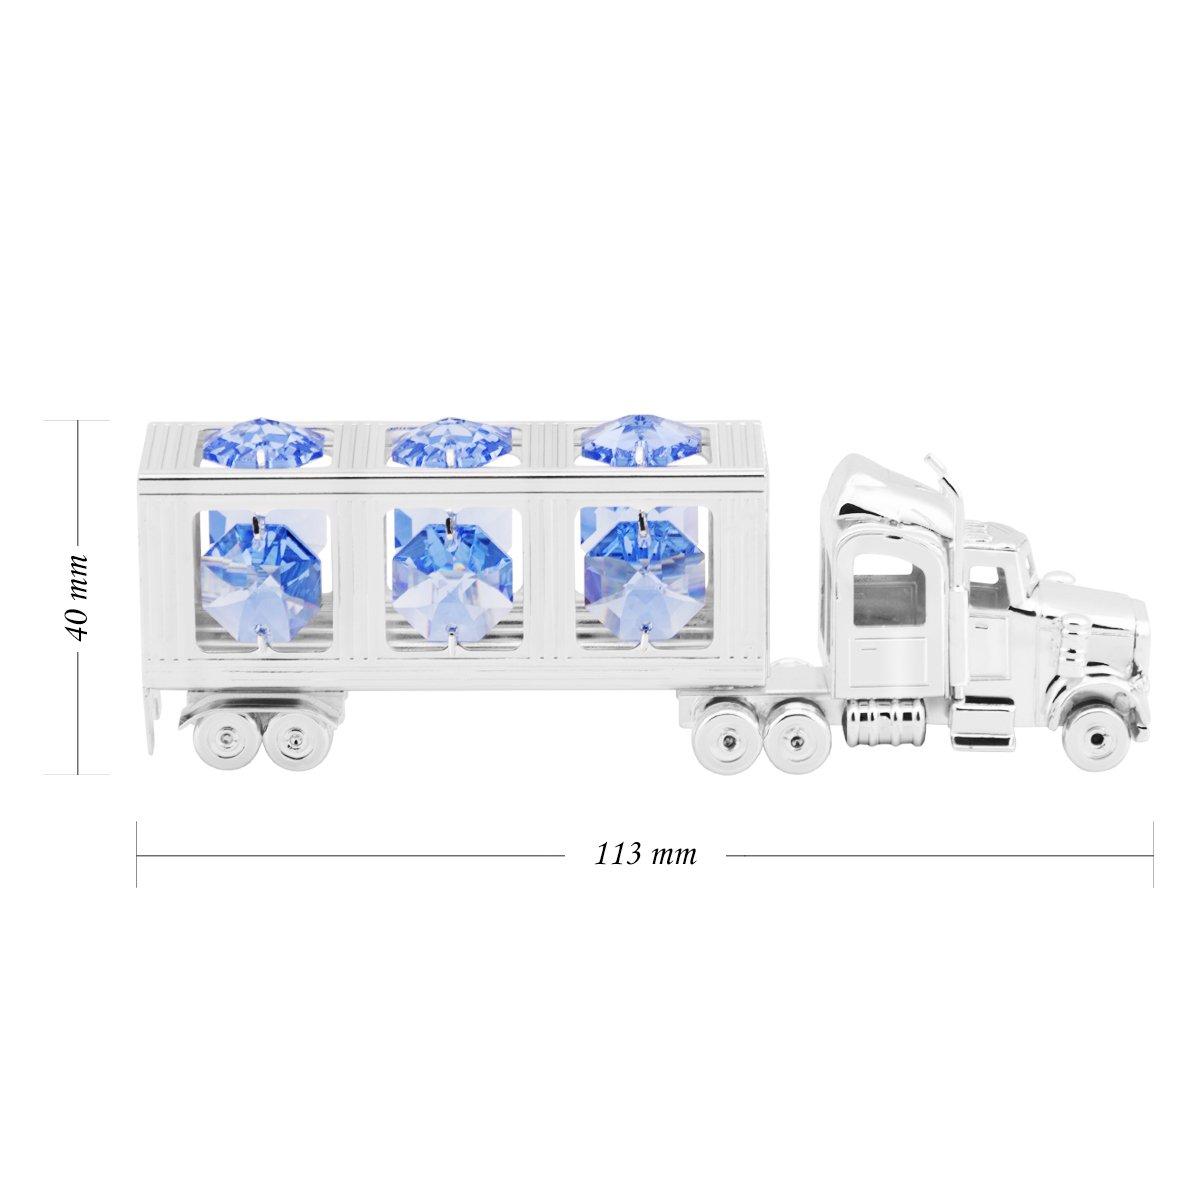 Srebrna Ciężarówka Niebieskie Kryształy Swarovski Prezent z Dedykacją